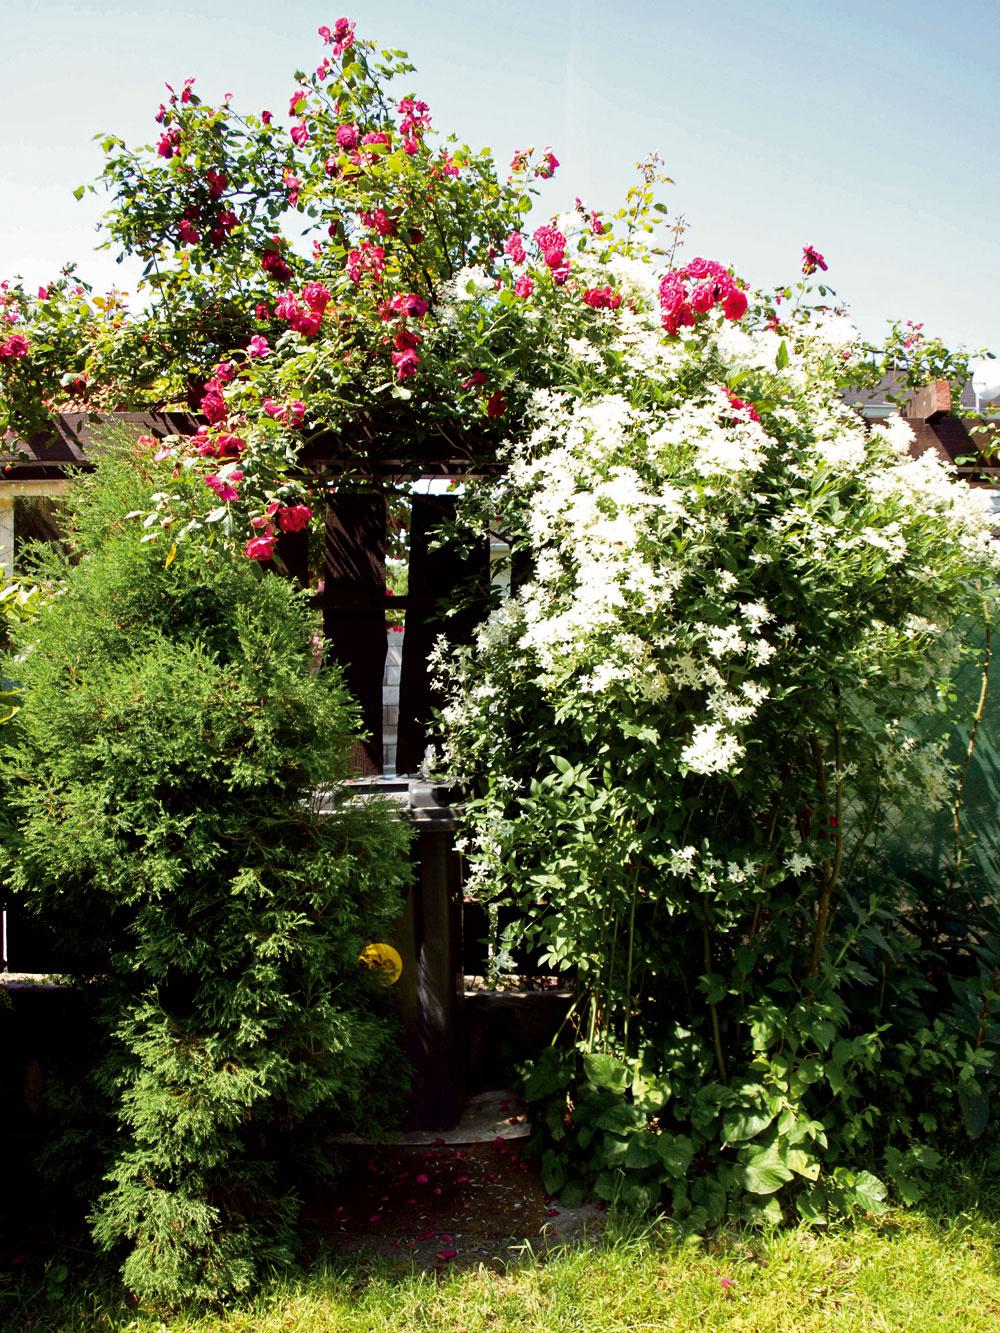 Ani smetný kôš vedľa bránky, skrytý pod popínavými ružami abielym jazmínom, nenarúša záhradnú harmóniu.